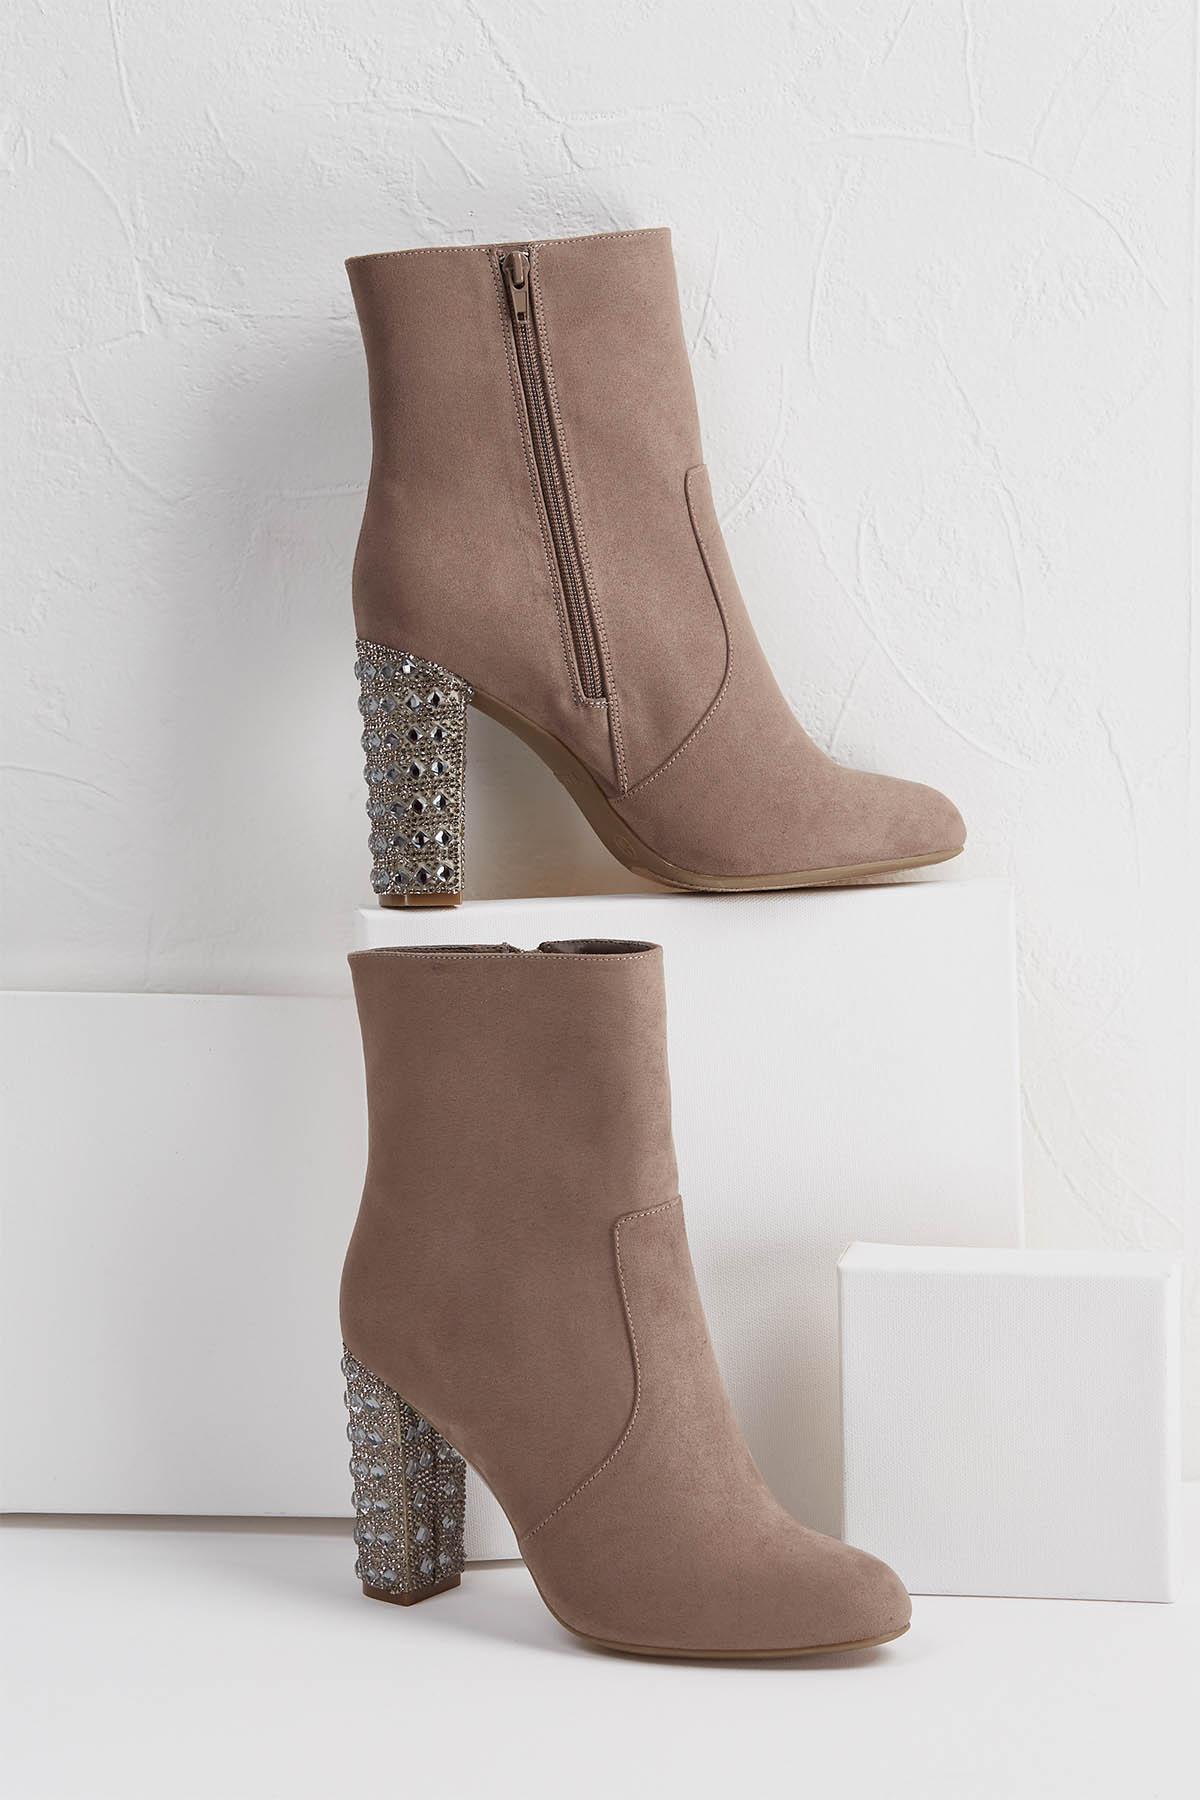 Rhinestone Embellished Boots